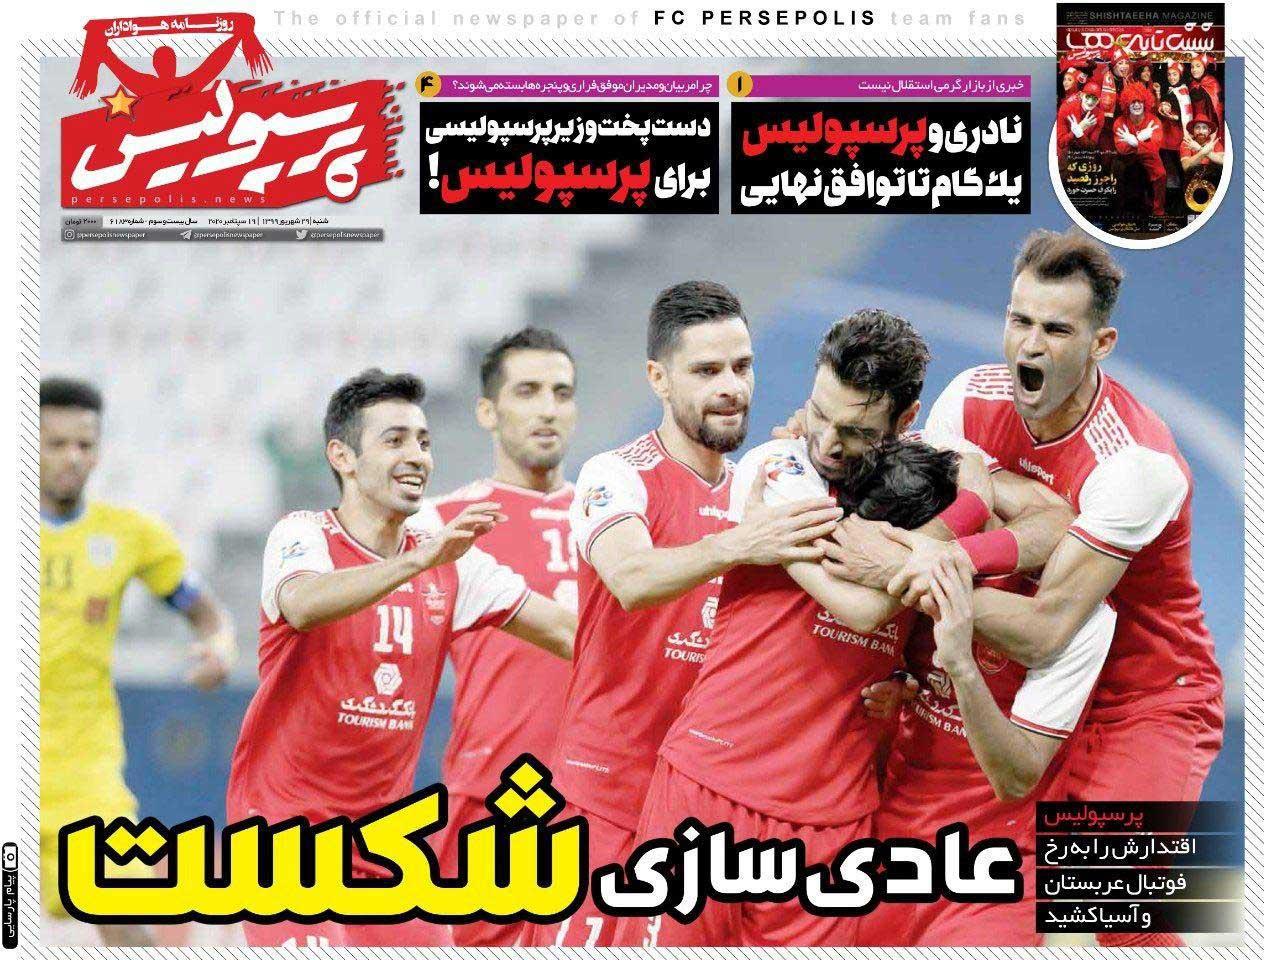 جلد روزنامه پرسپولیس شنبه ۲۹ شهریور ۹۹